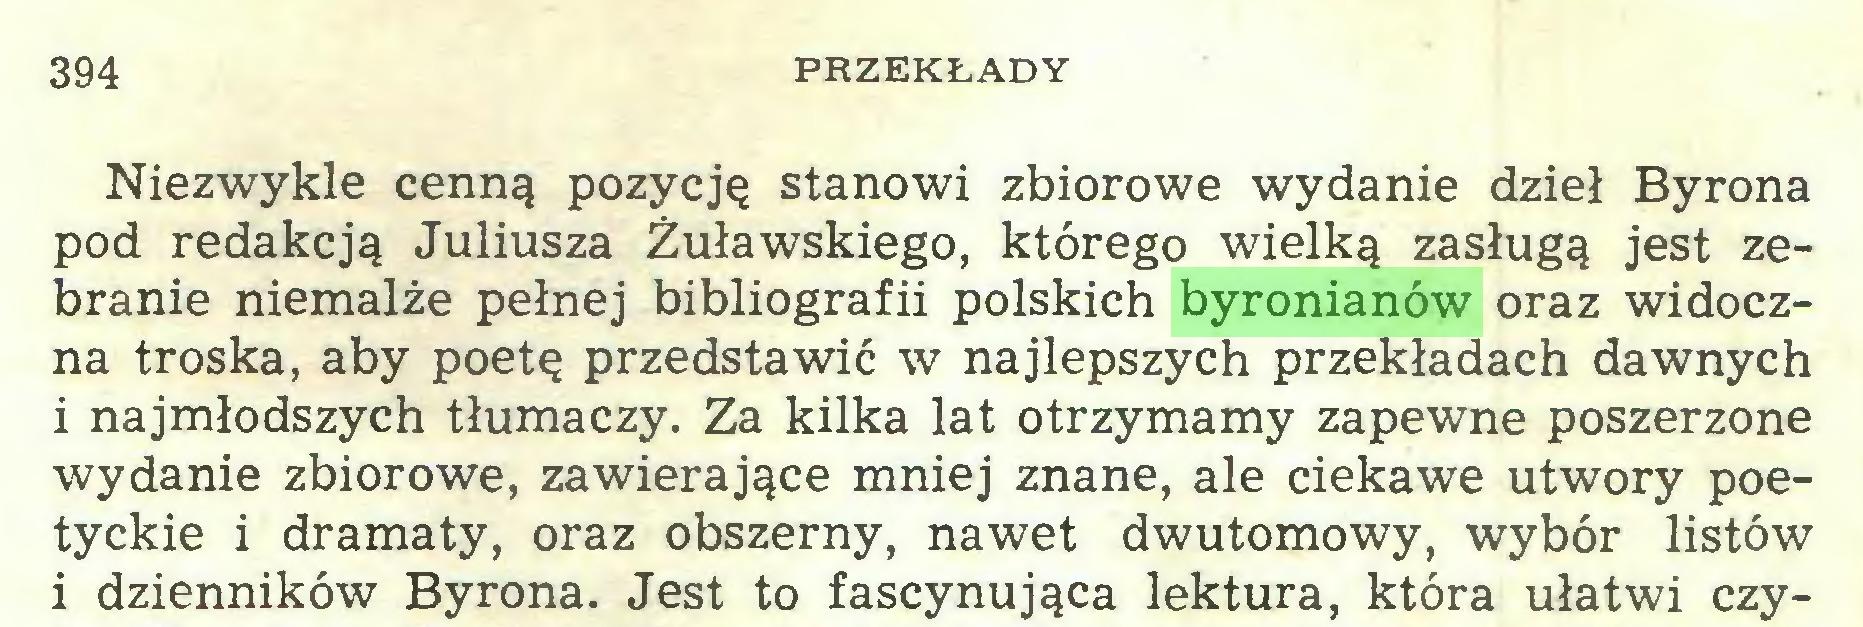 (...) 394 PRZEKŁADY Niezwykle cenną pozycję stanowi zbiorowe wydanie dzieł Byrona pod redakcją Juliusza Żuławskiego, którego wielką zasługą jest zebranie niemalże pełnej bibliografii polskich byronianów oraz widoczna troska, aby poetę przedstawić w najlepszych przekładach dawnych i najmłodszych tłumaczy. Za kilka lat otrzymamy zapewne poszerzone wydanie zbiorowe, zawierające mniej znane, ale ciekawe utwory poetyckie i dramaty, oraz obszerny, nawet dwutomowy, wybór listów i dzienników Byrona. Jest to fascynująca lektura, która ułatwi czy...